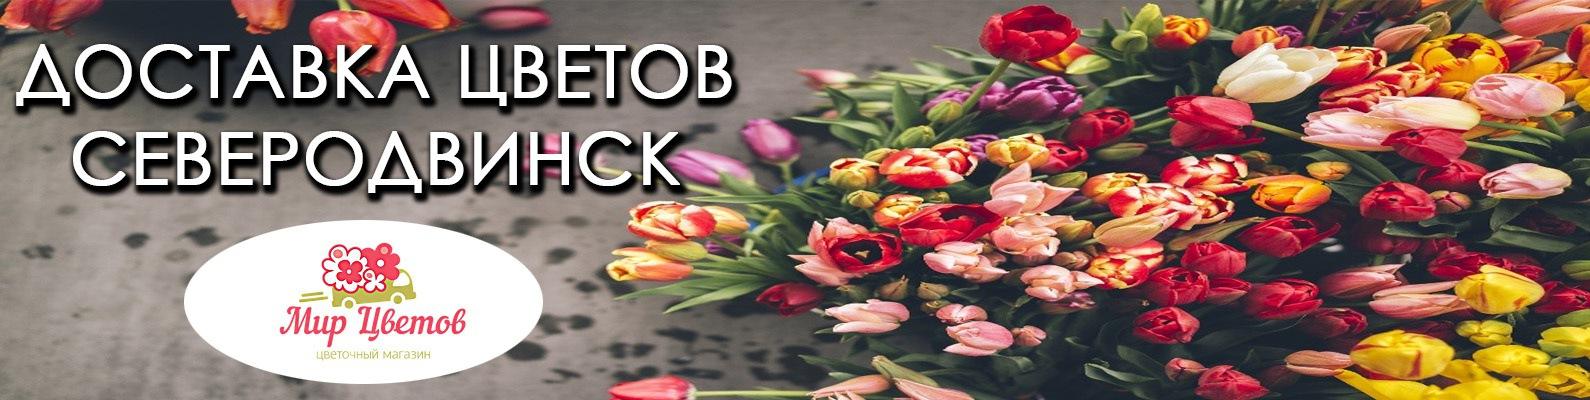 Доставка цветов северодвинск круглосуточно, розы цветы купить оптом спб